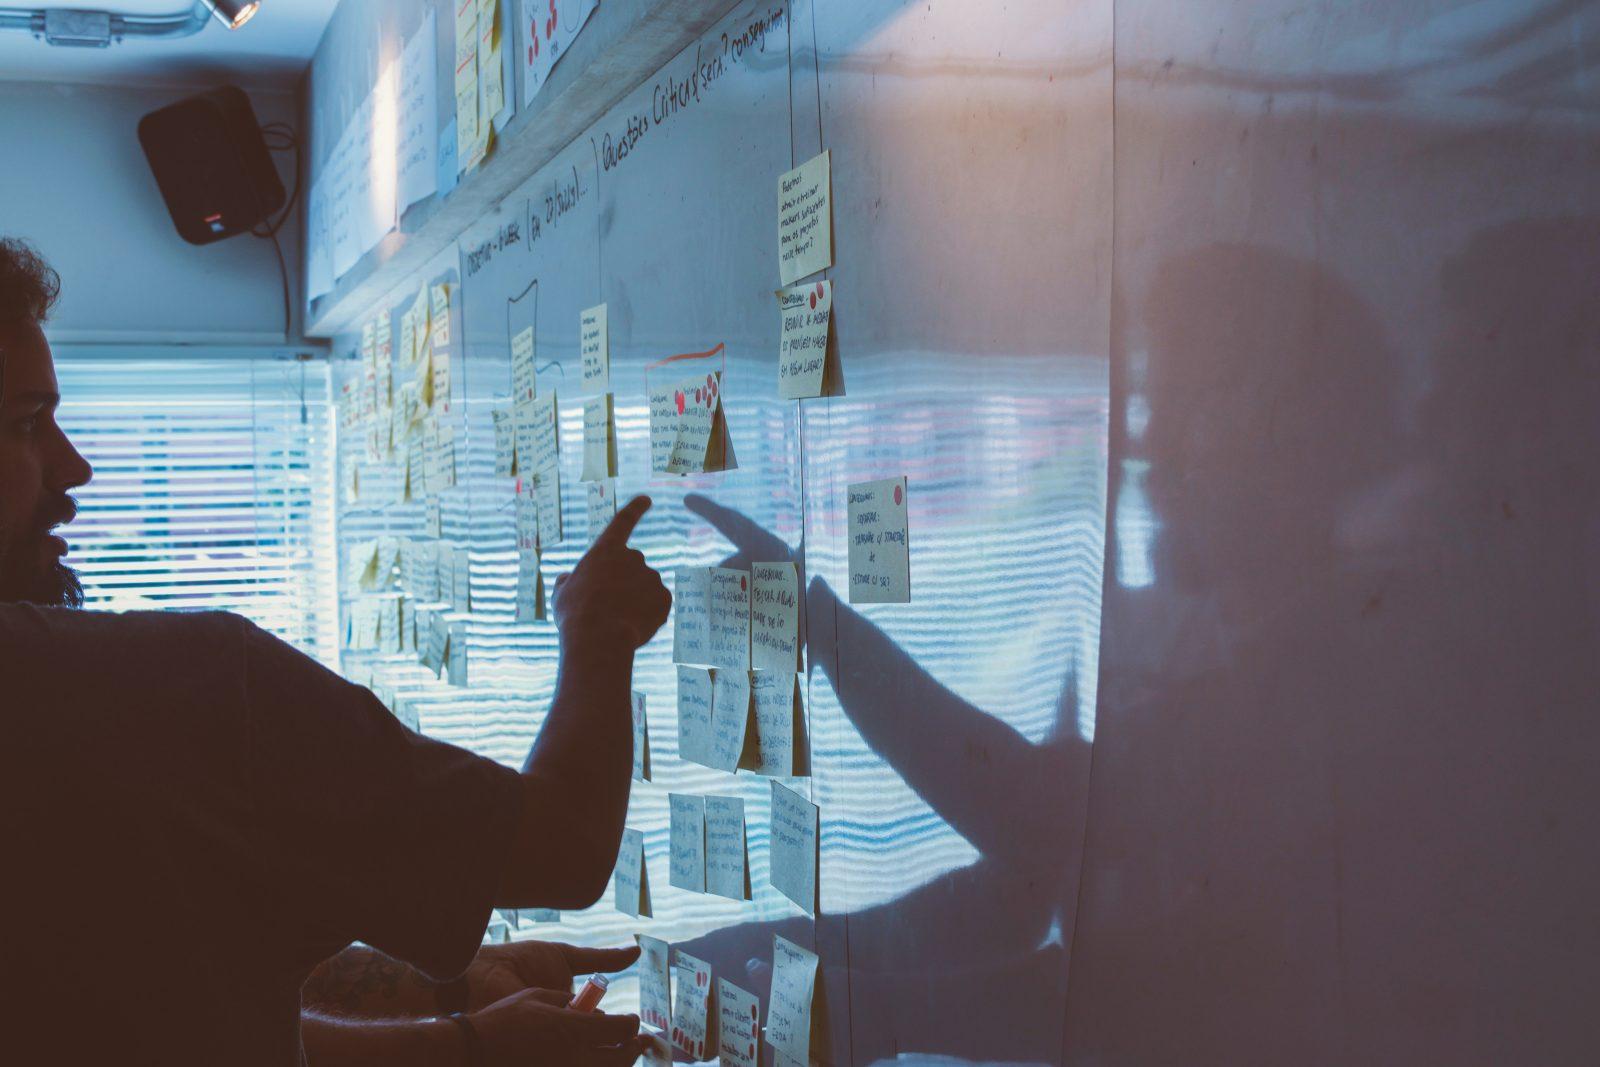 Метрики и KPI, которые должен знать каждый маркетолог